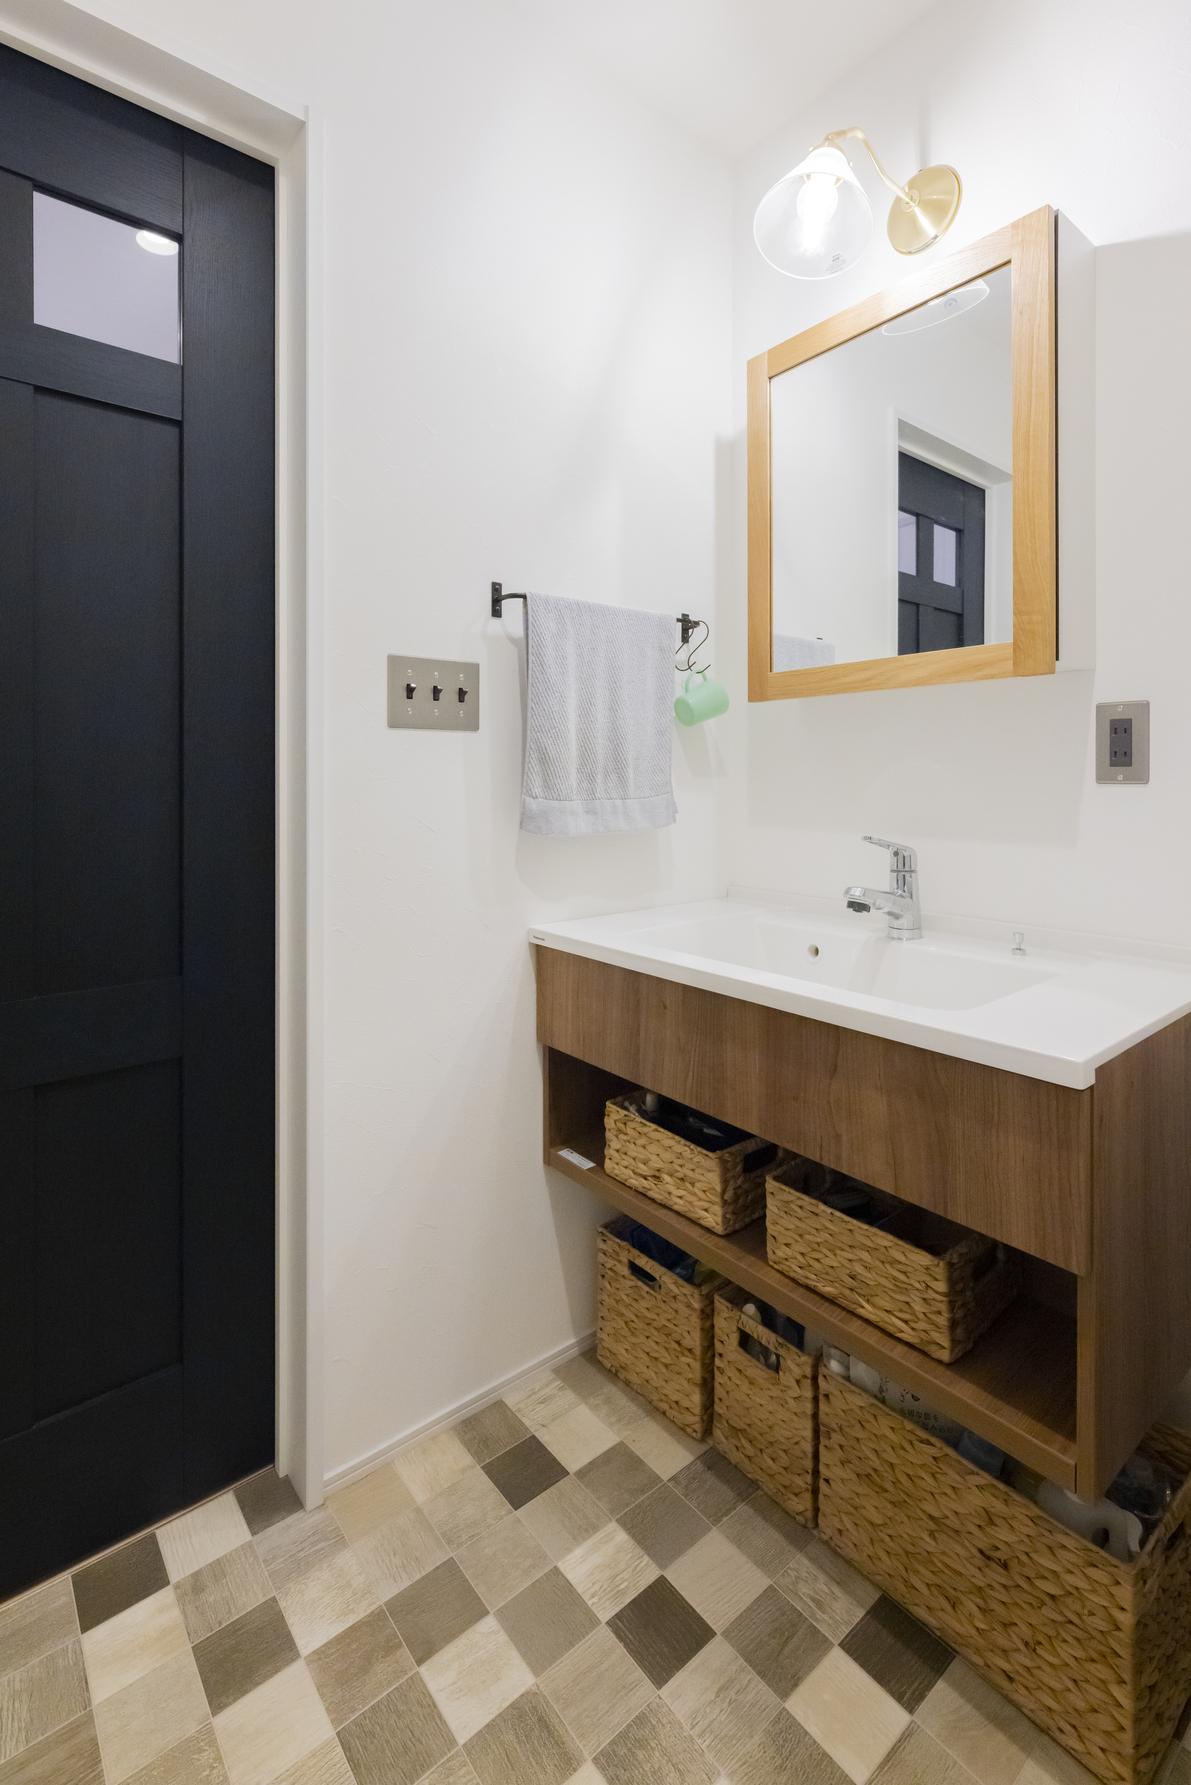 フロート洗面台と框デザインのミラーで造作のような洗面台